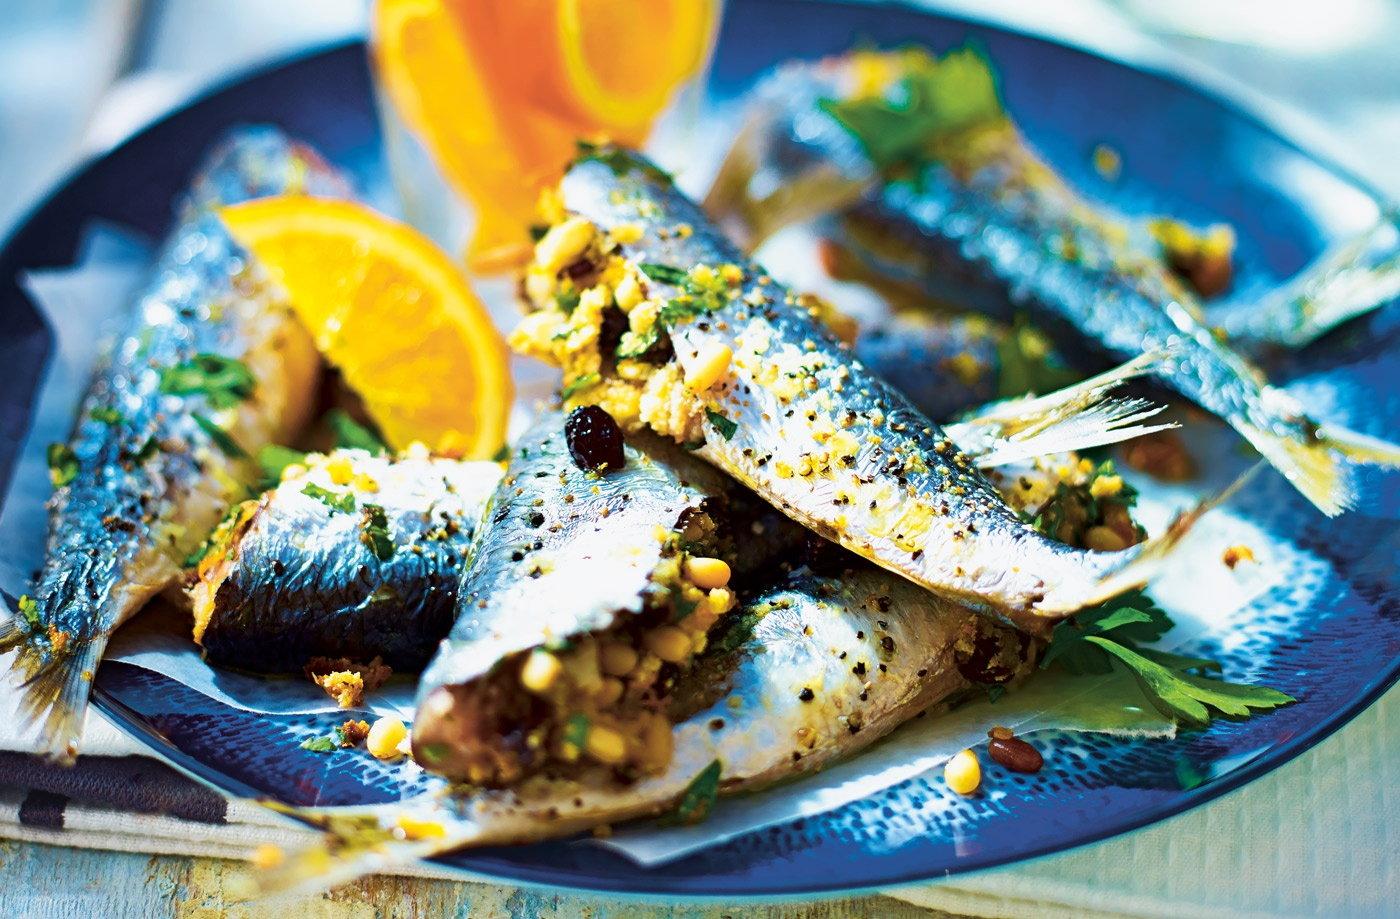 Sardines - Little Fish, Super Food